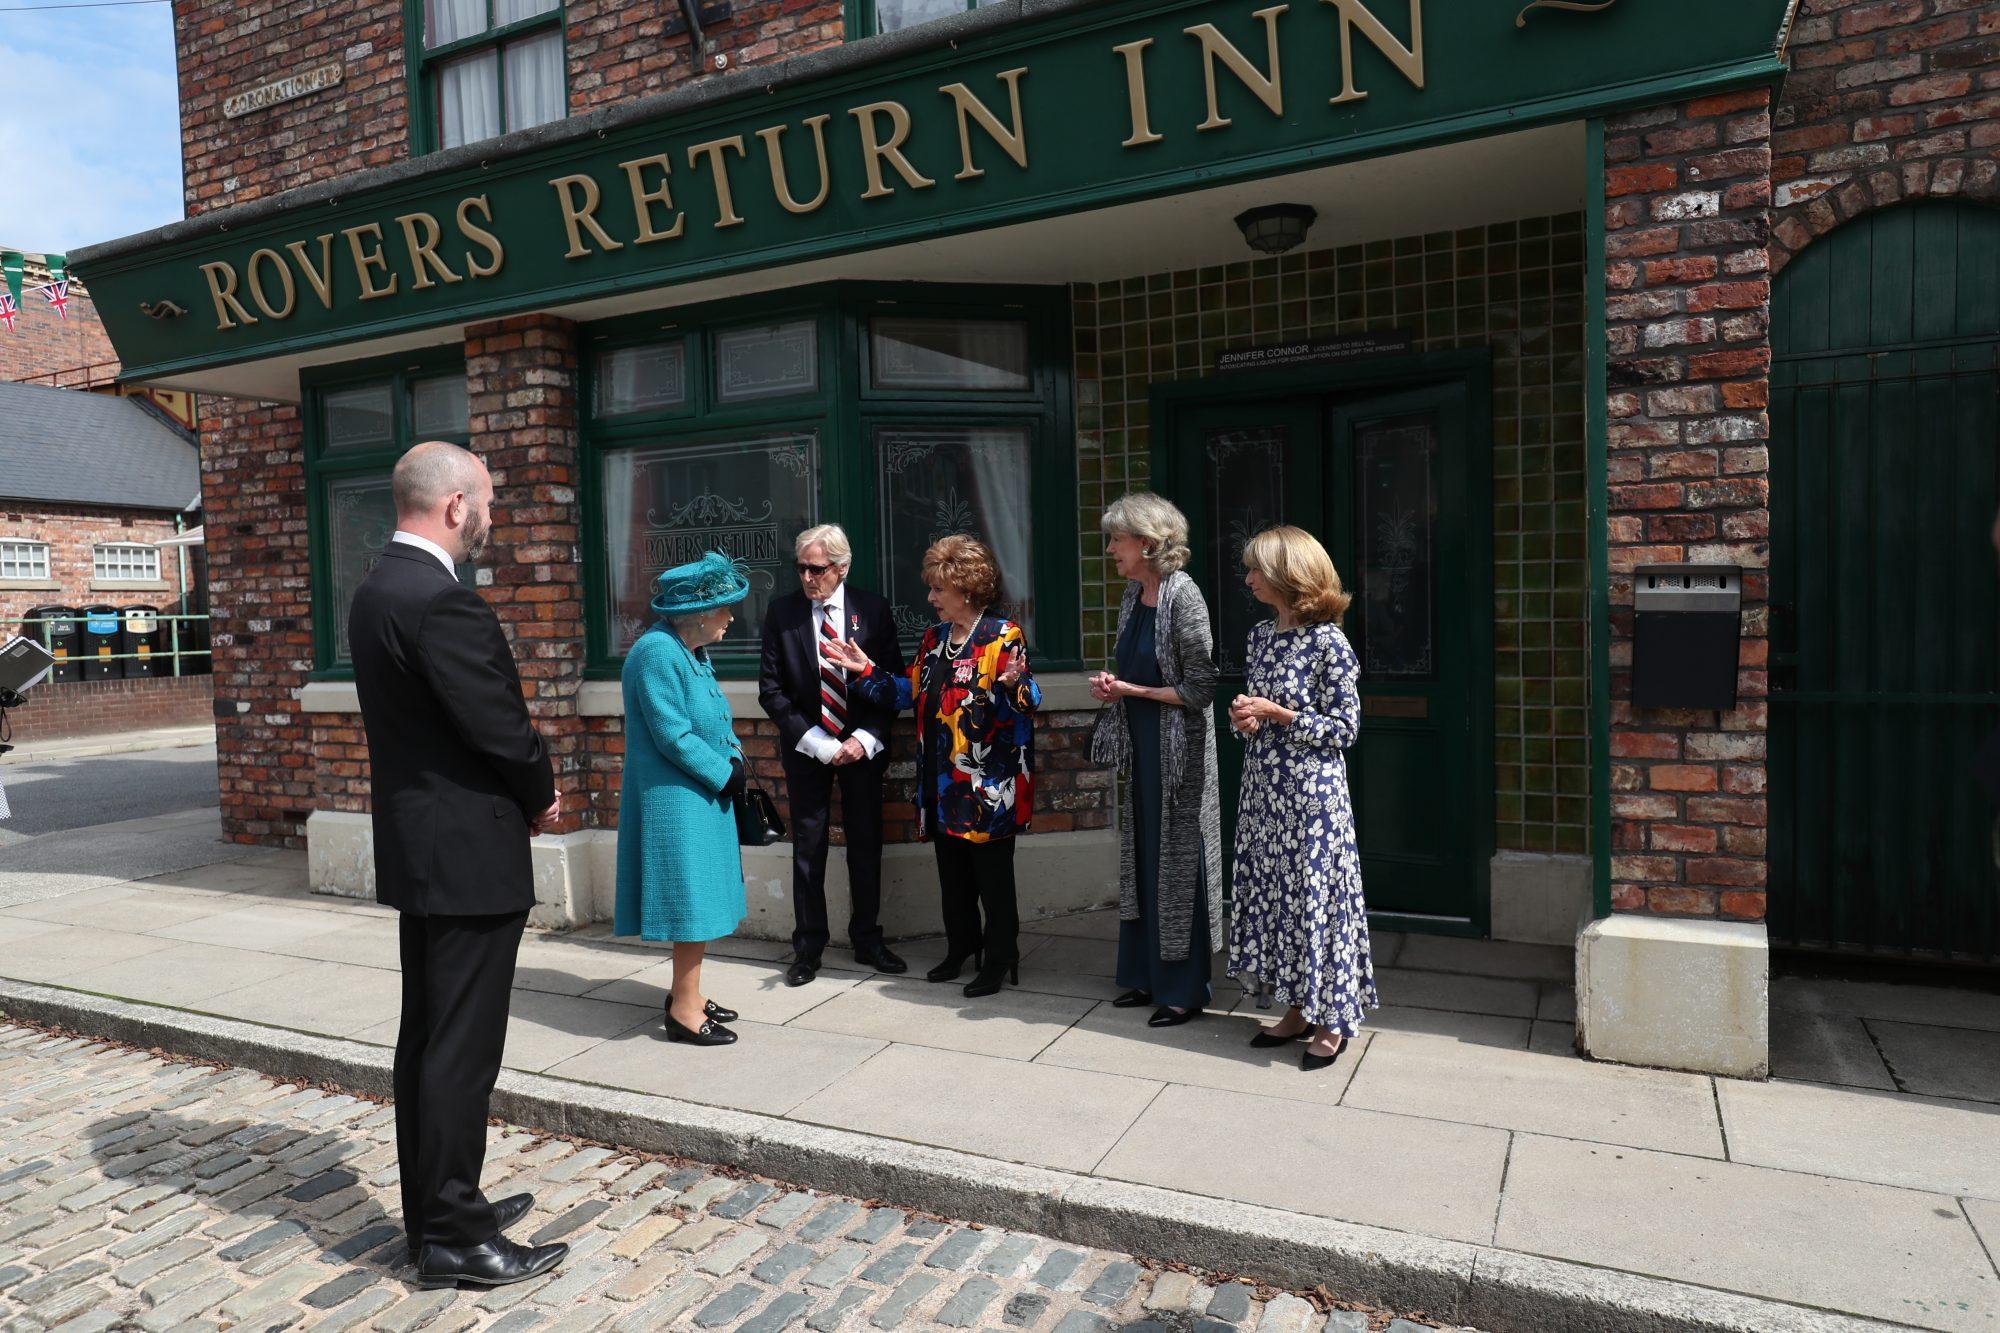 la reina visita el set de la telenovela Coronation Street